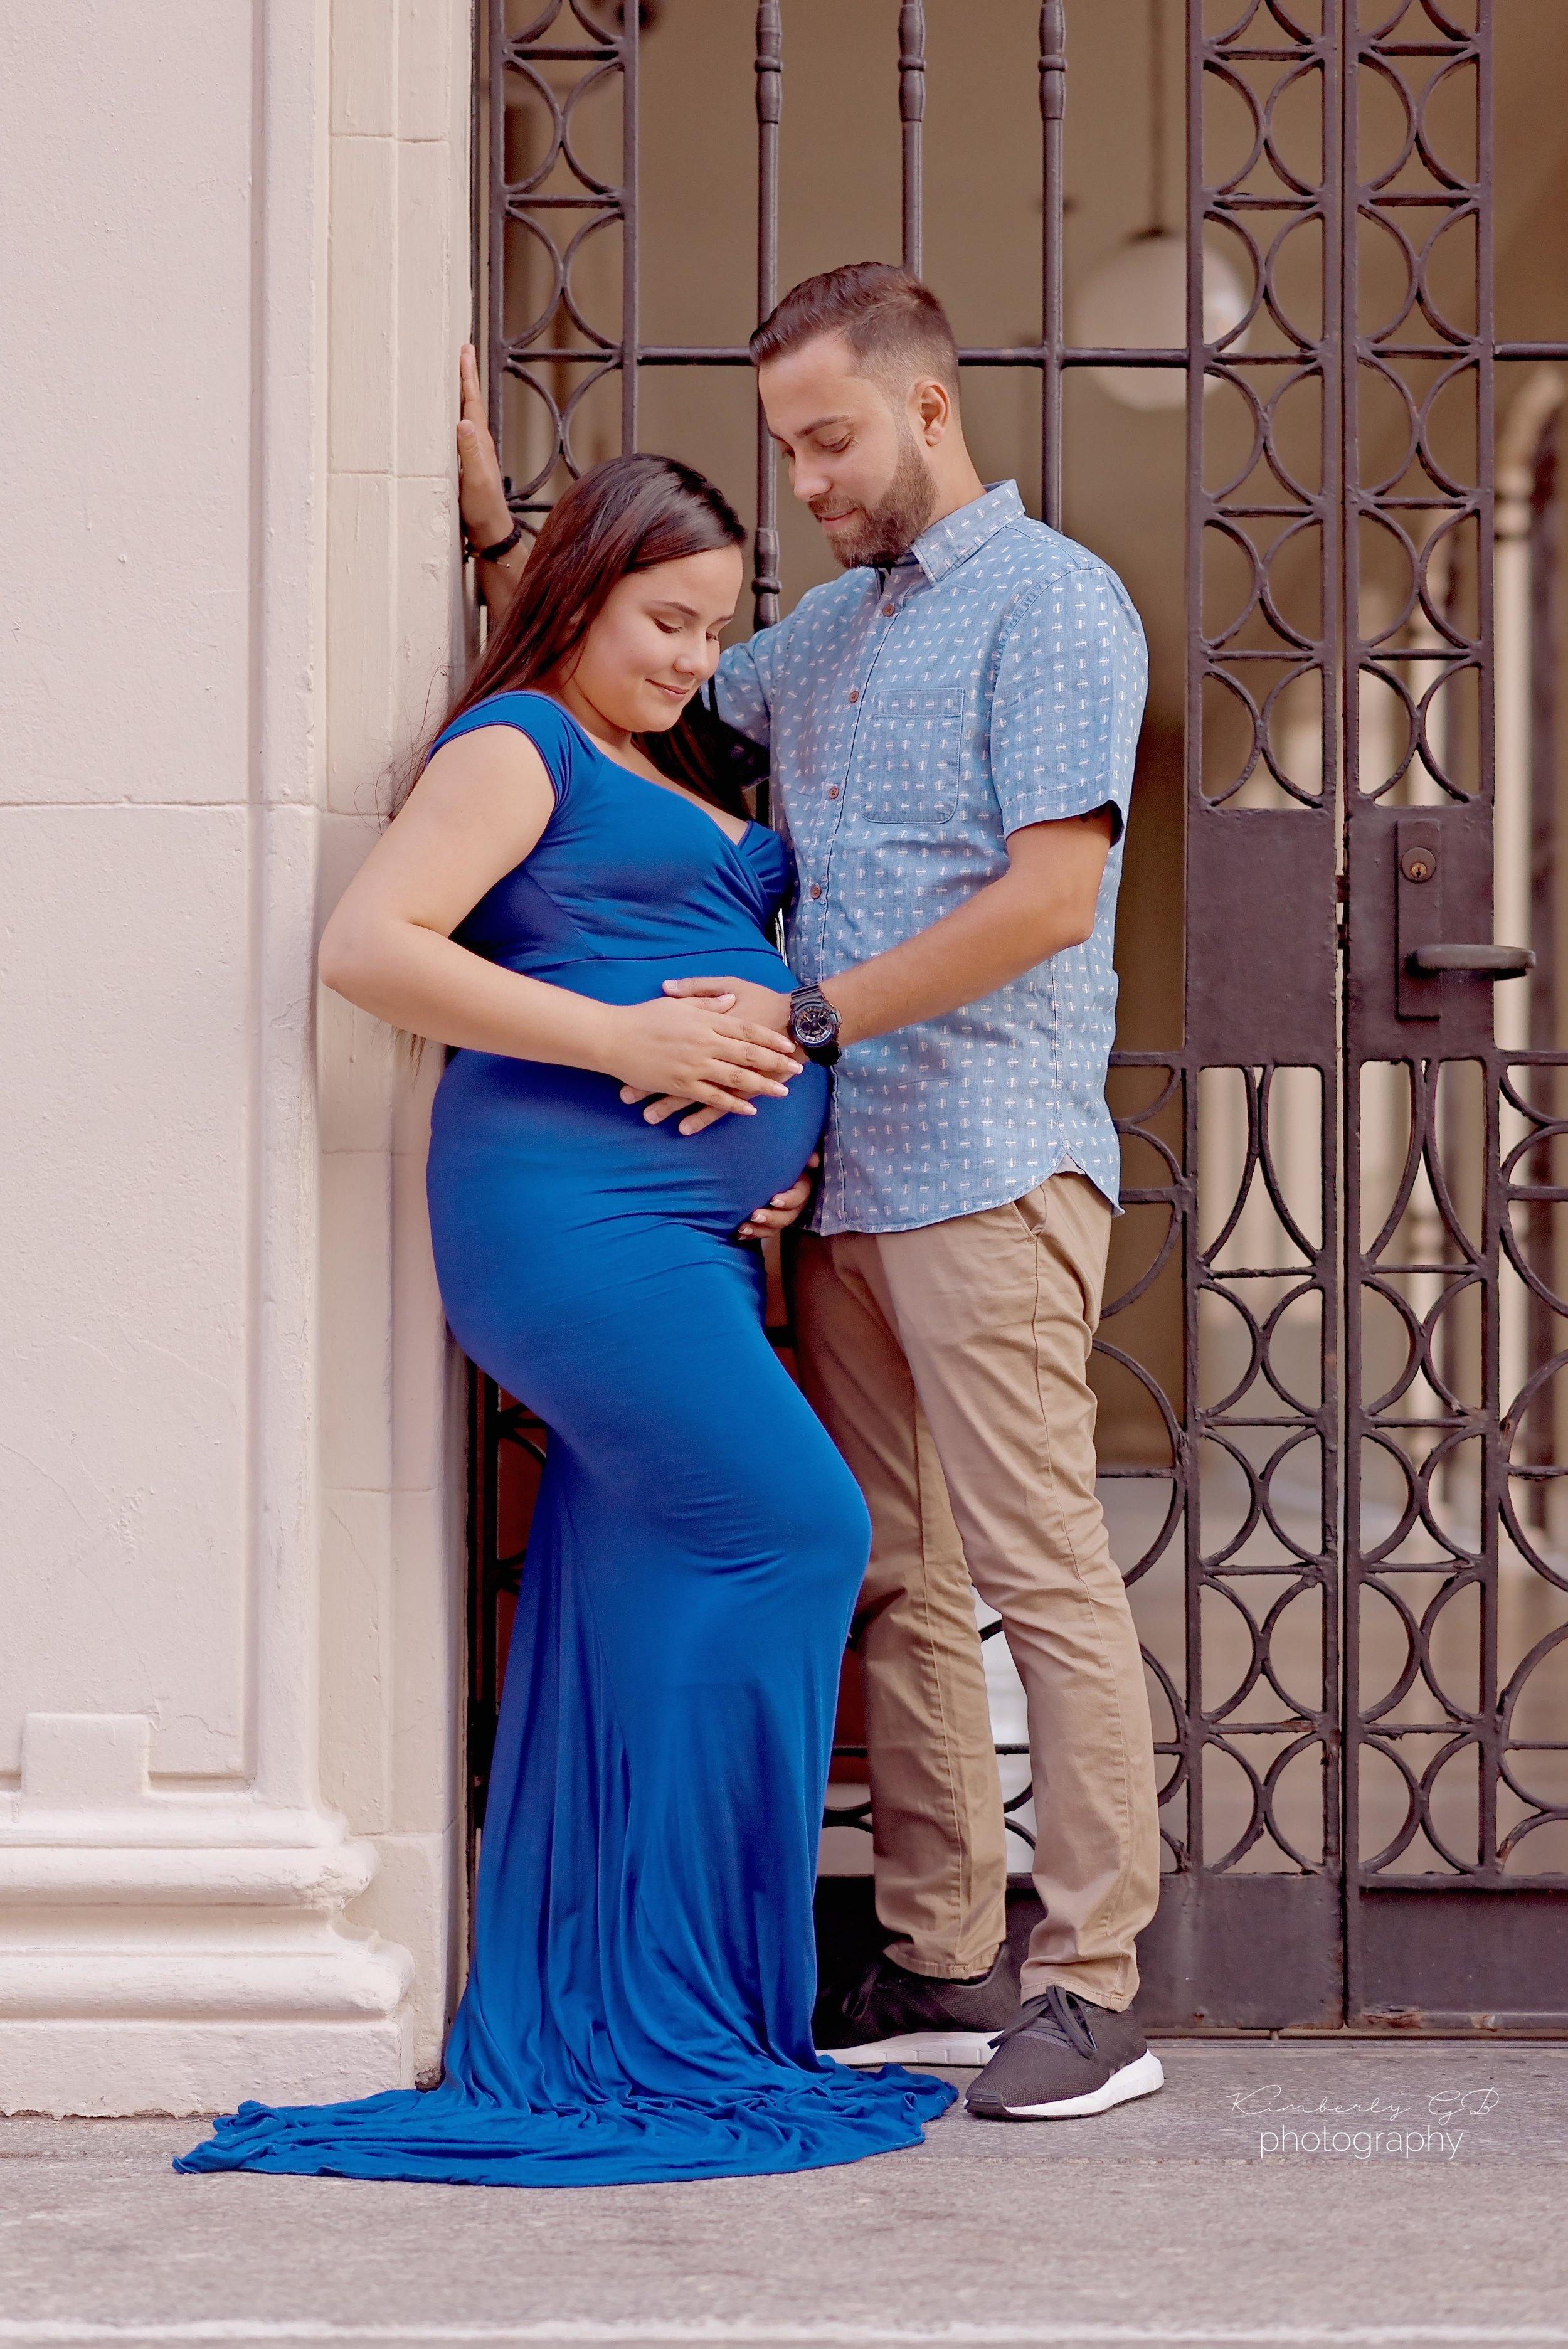 fotografia-fotografa-de-maternidad-embarazo-embarazada-en-puerto-rico-fotografia-112.jpg